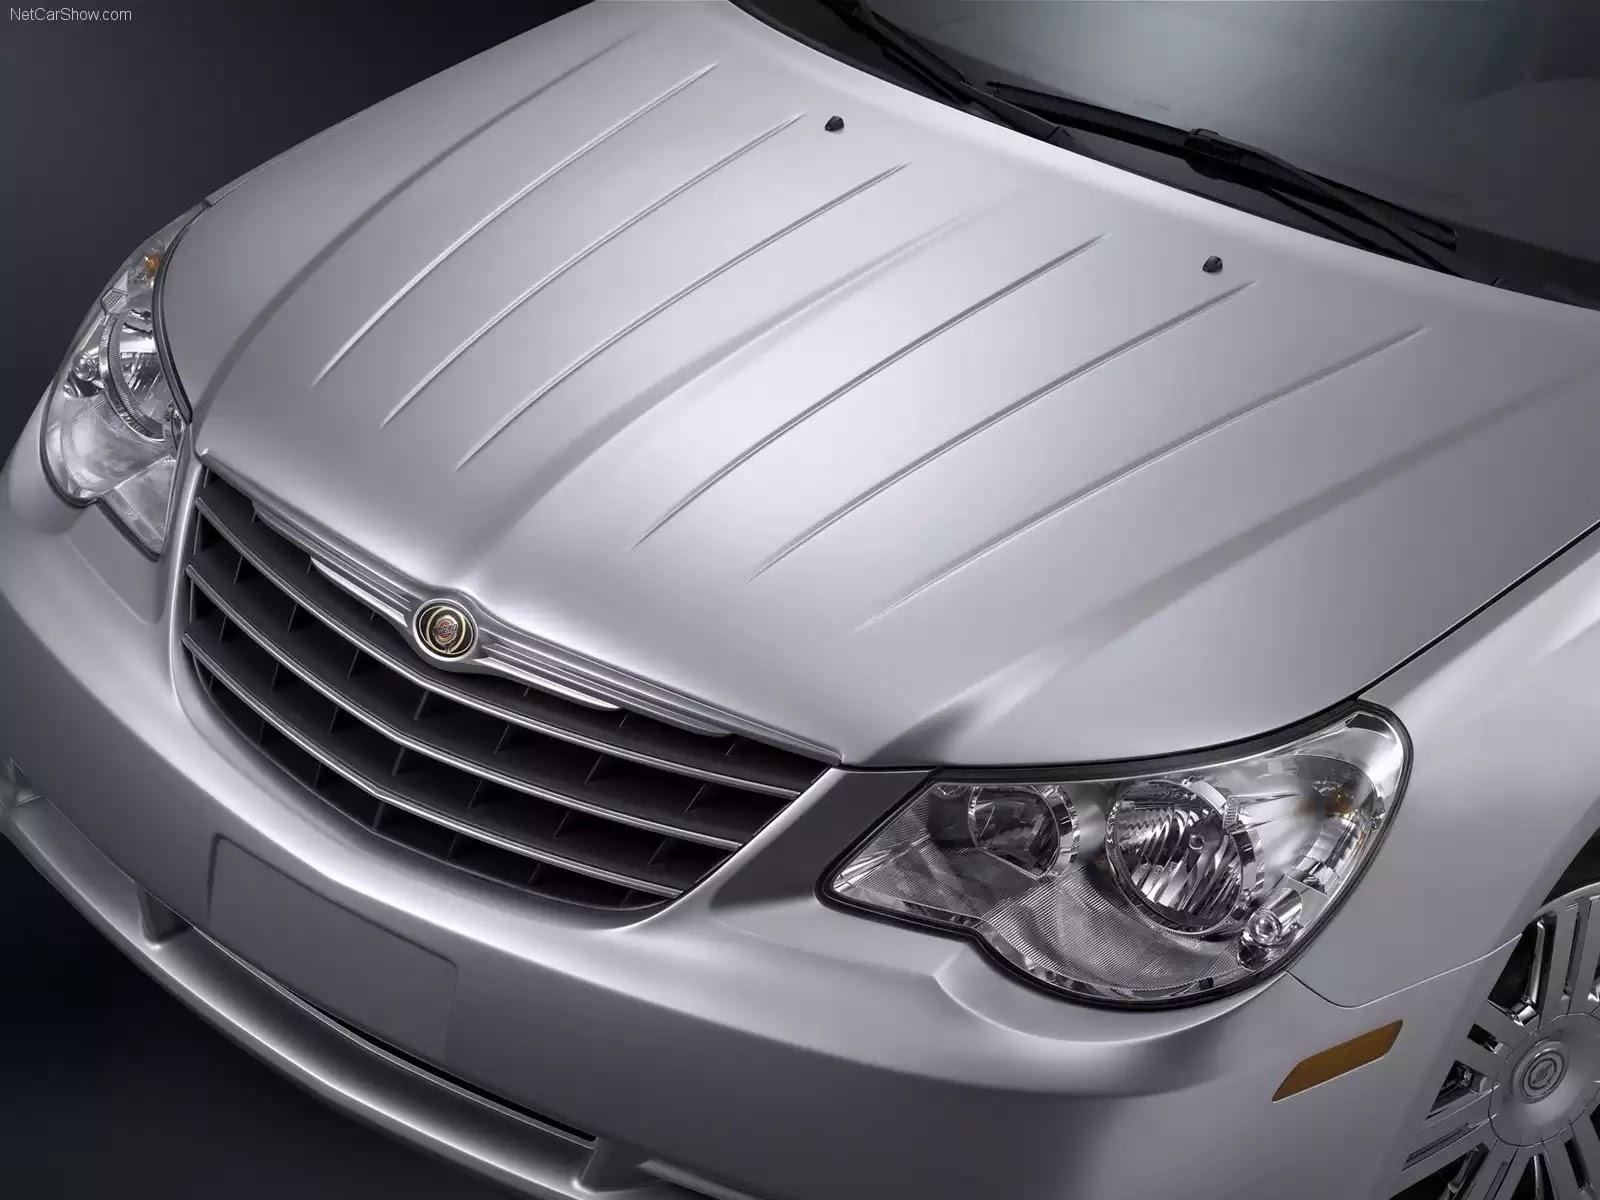 Hình ảnh xe ô tô Chrysler Sebring 2007 & nội ngoại thất